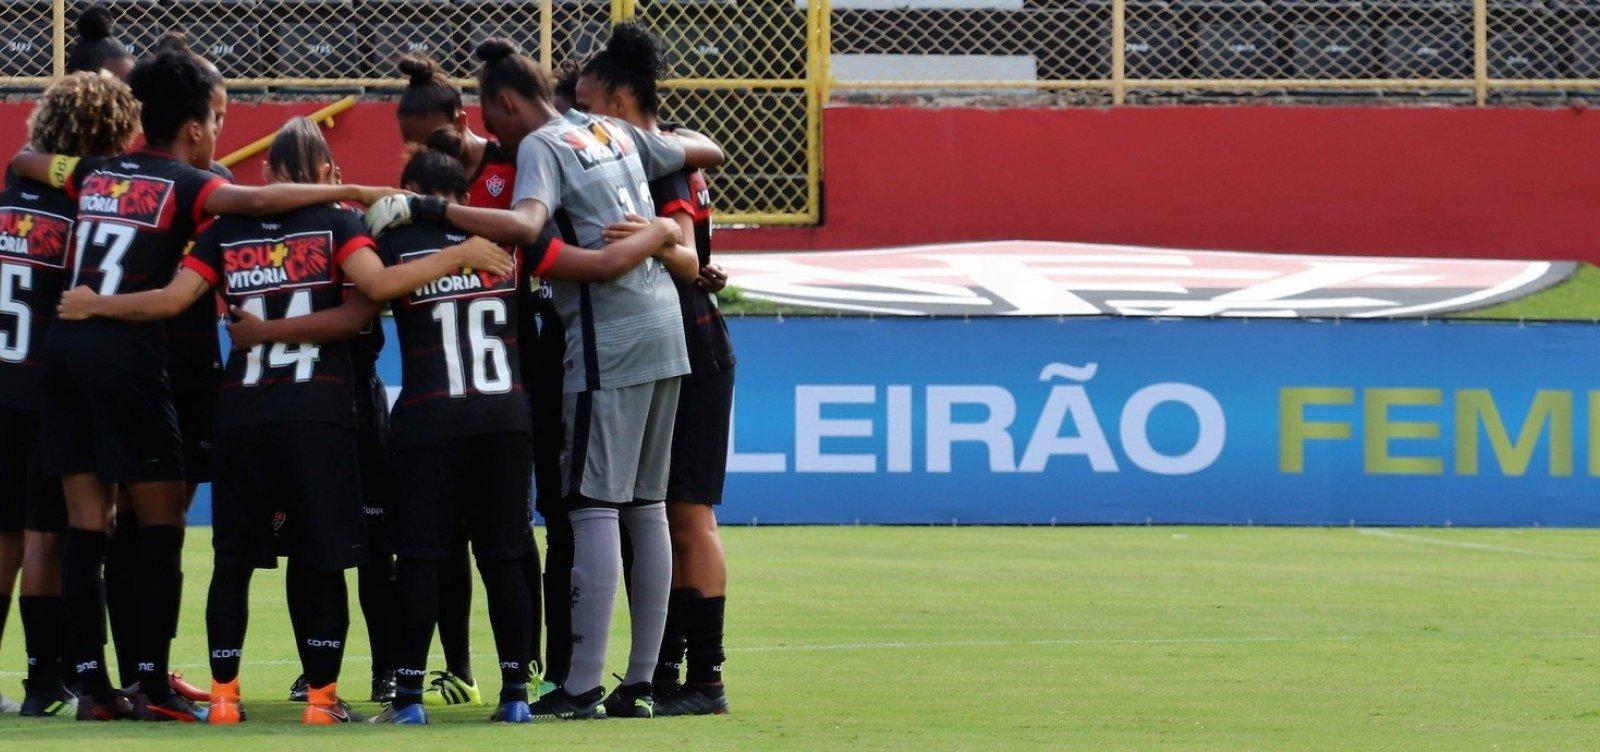 [Futebol feminino: time do Vitória passa a mandar jogos em Praia do Forte]